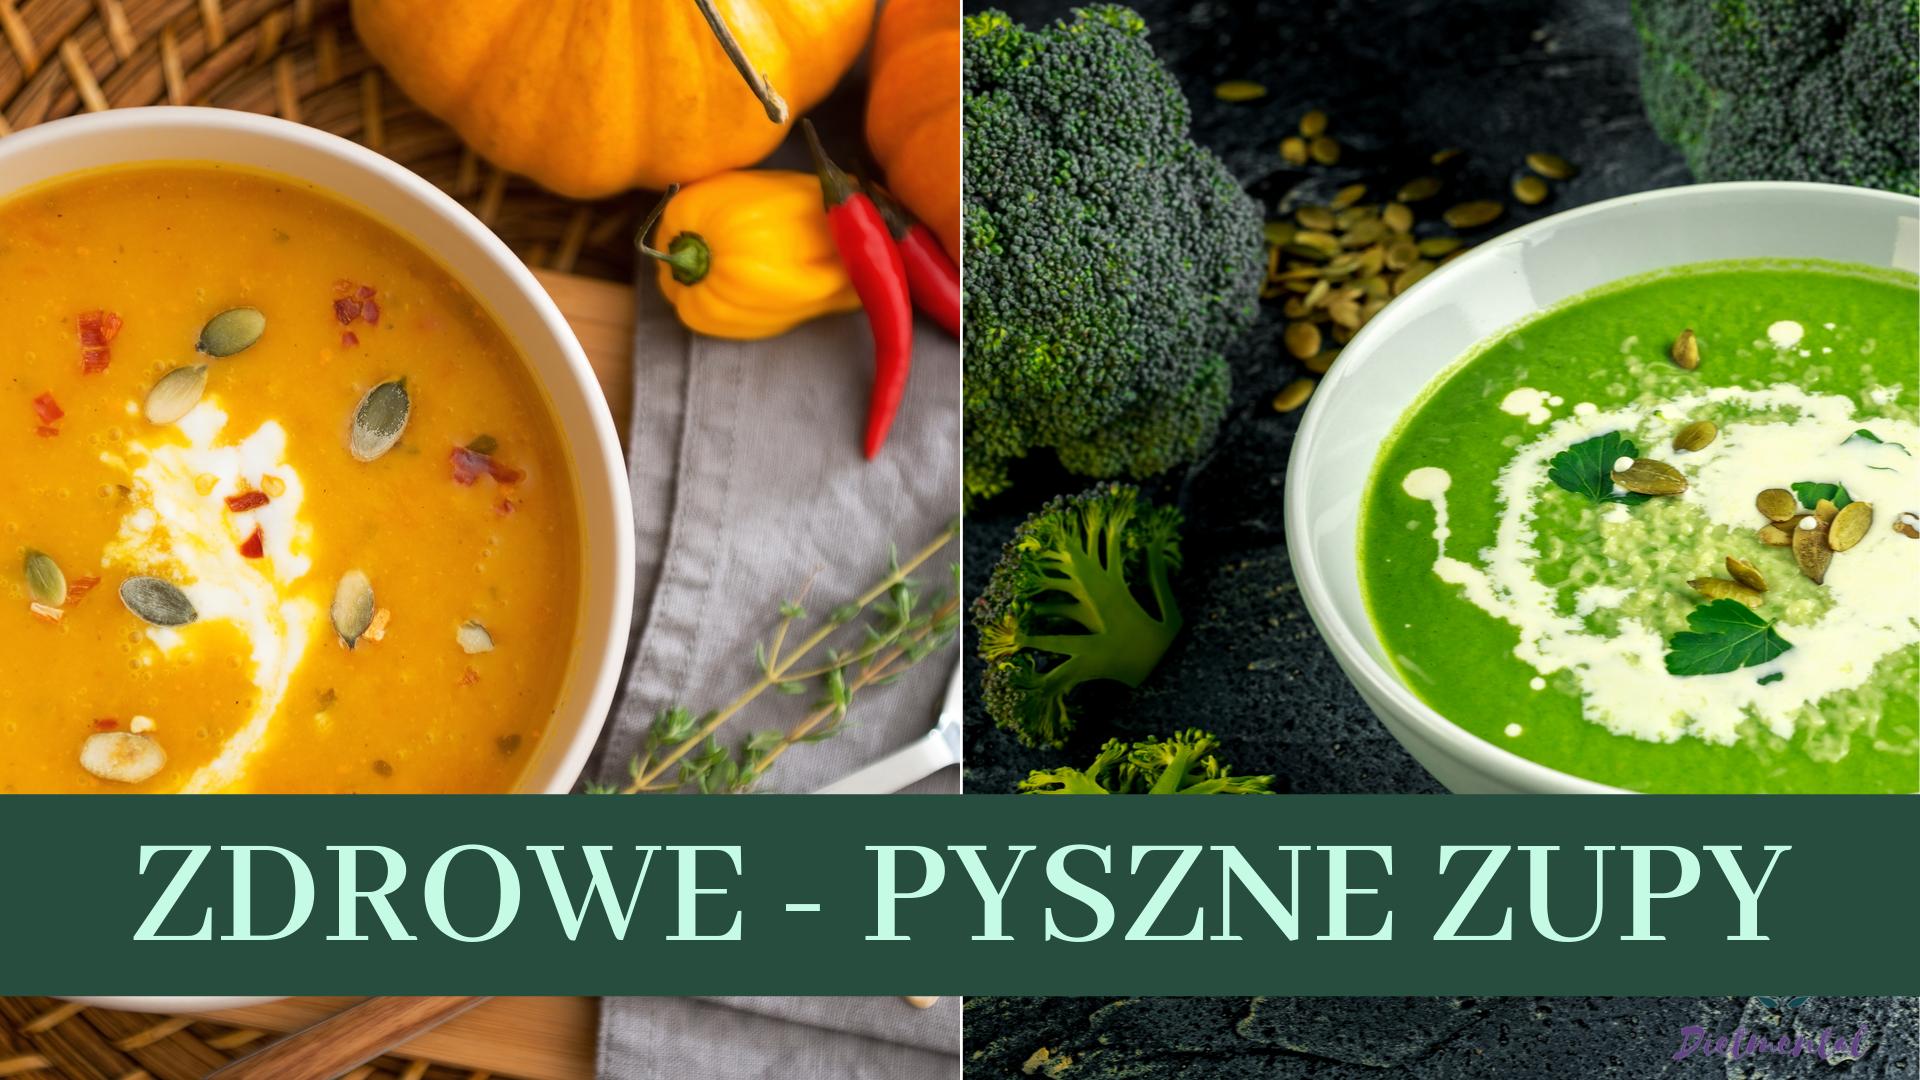 zdrowe pyszne zupy zupa krem dyniowa